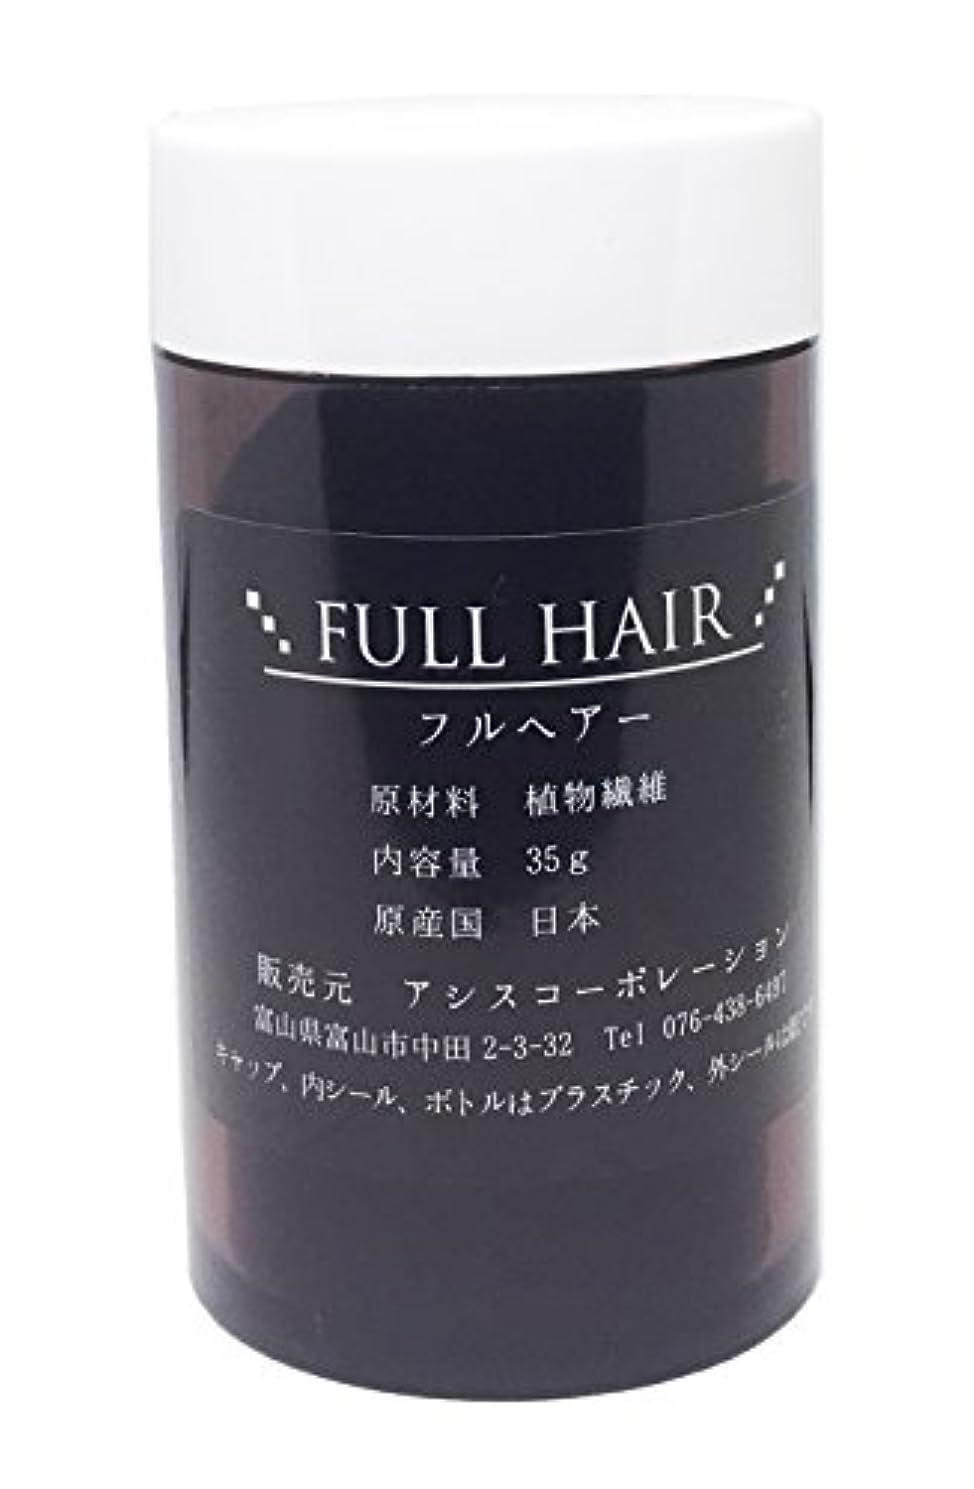 好むラインナップ午後フルヘアー 35g ライトグレー 増毛パウダー 薄毛隠し 円形脱毛症に